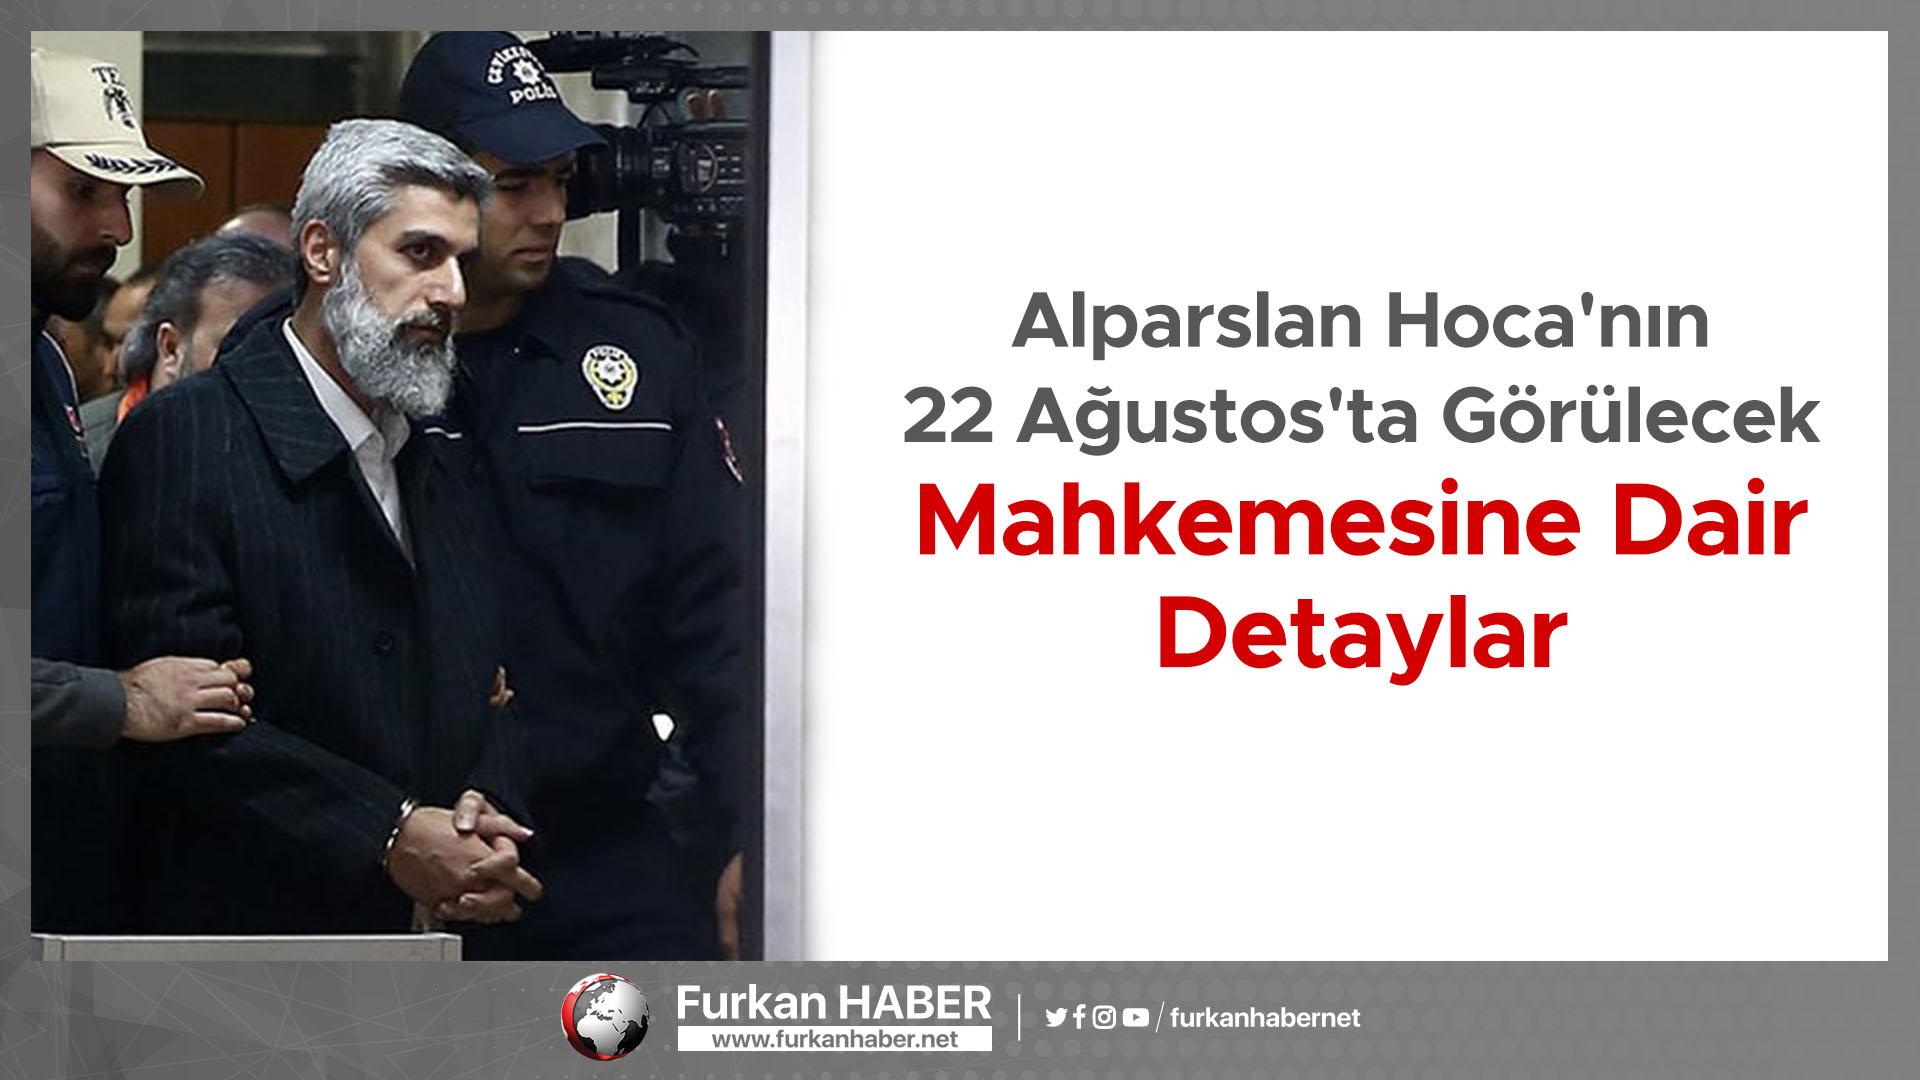 Alparslan Kuytul Hoca'nın 22 Ağustos'ta Görülecek Mahkemesine Dair Detaylar